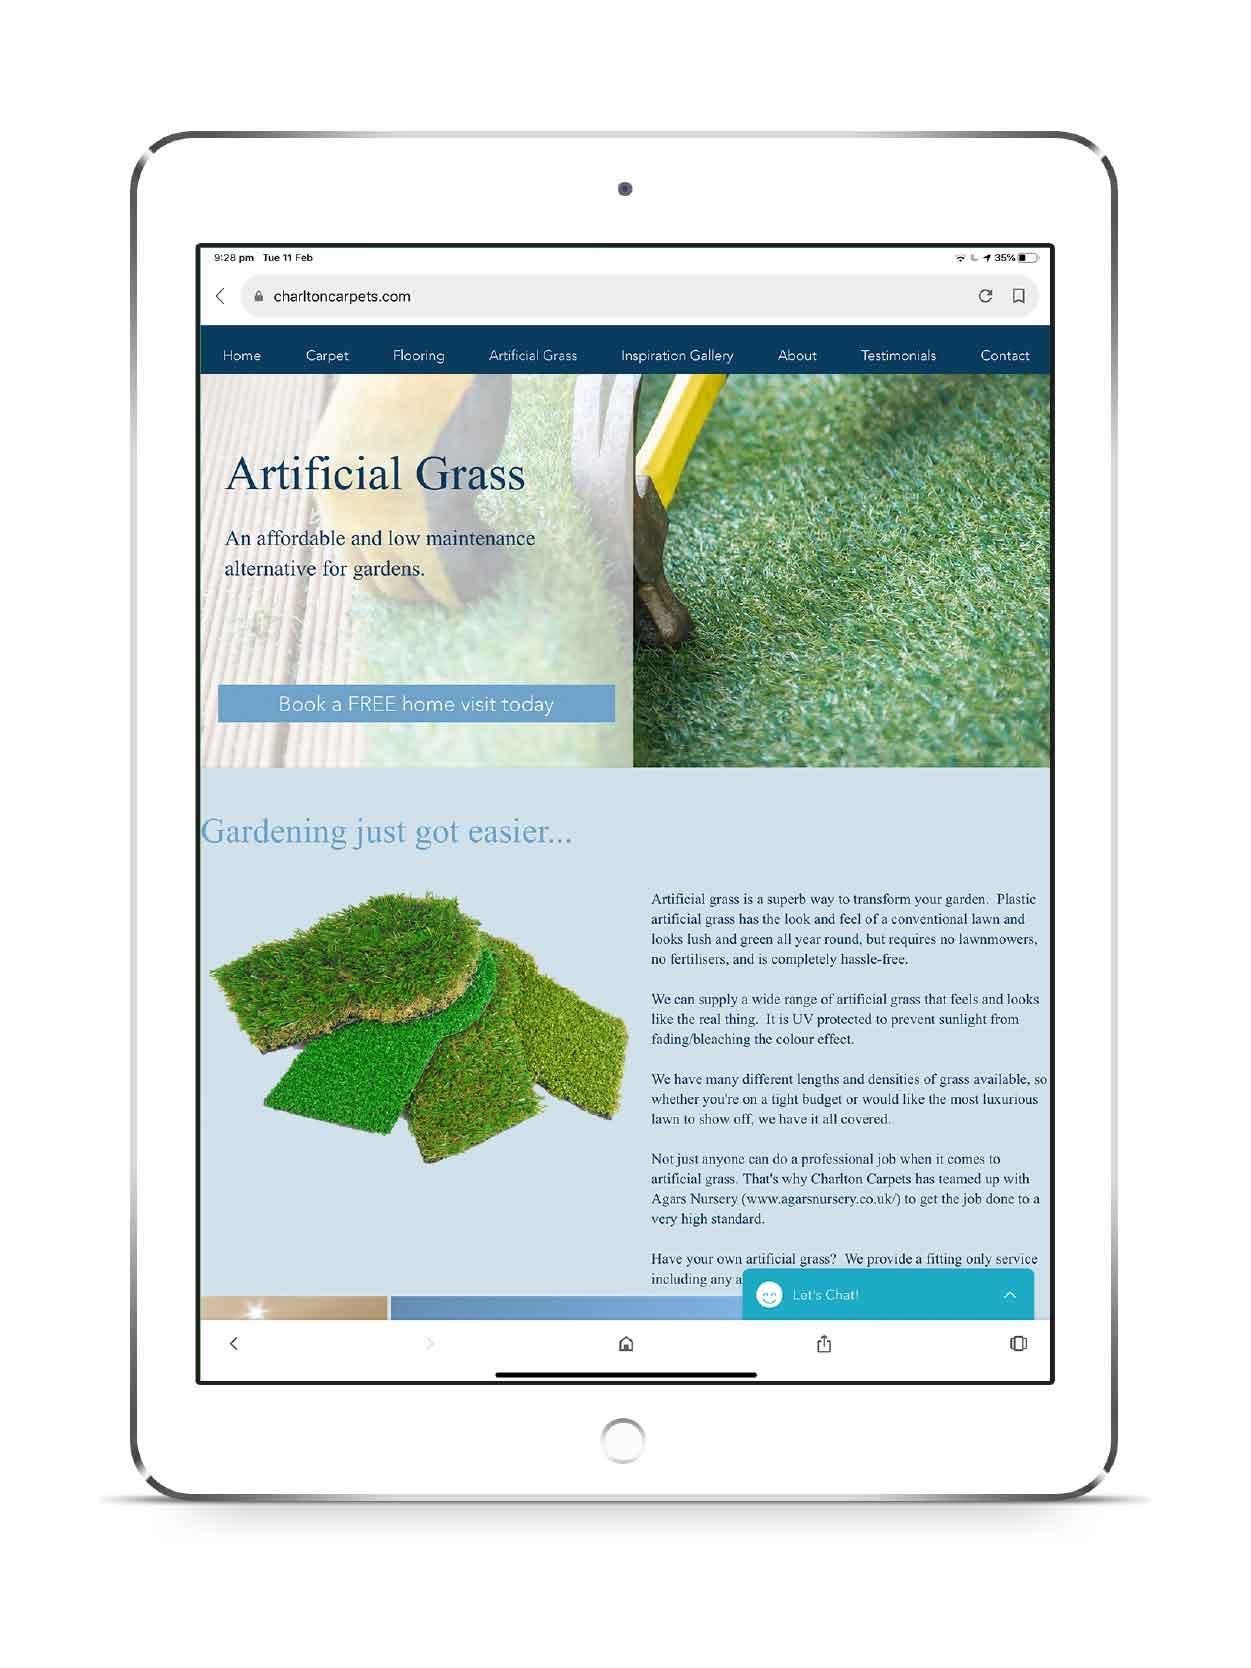 UI Design for iPad